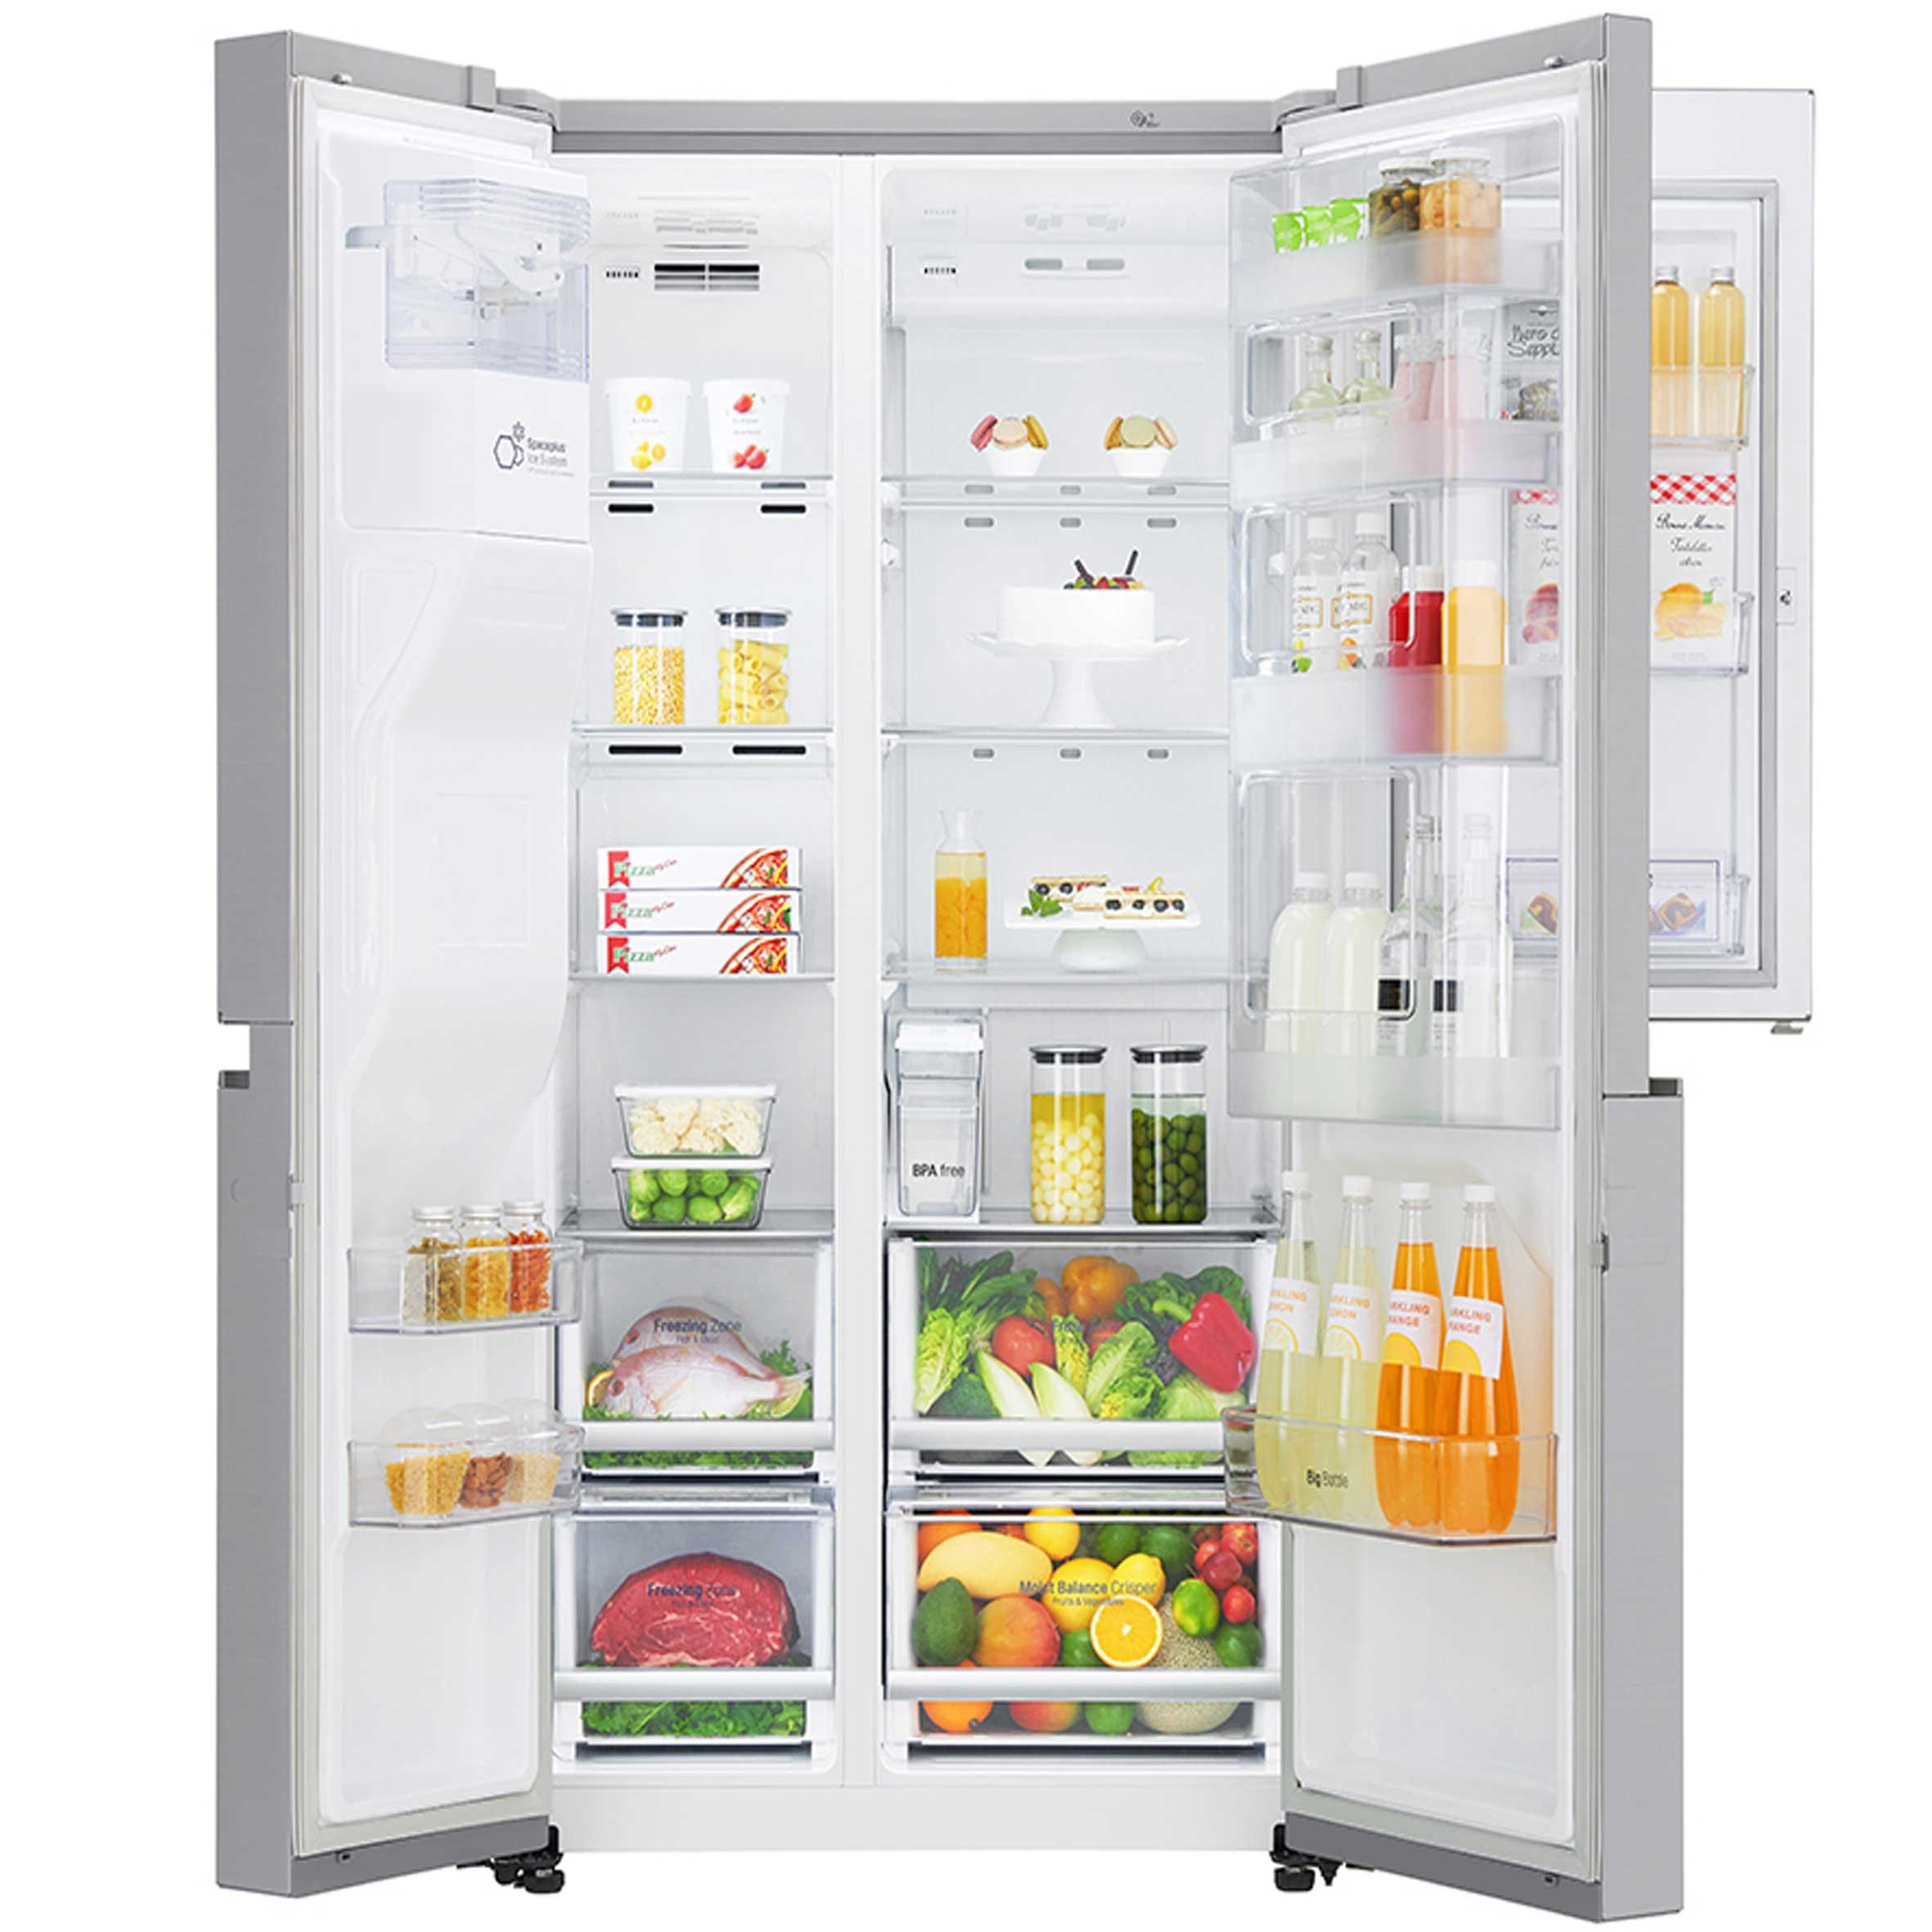 Fantastisch Norcold Kühlschrank Schaltplan Fotos - Elektrische ...